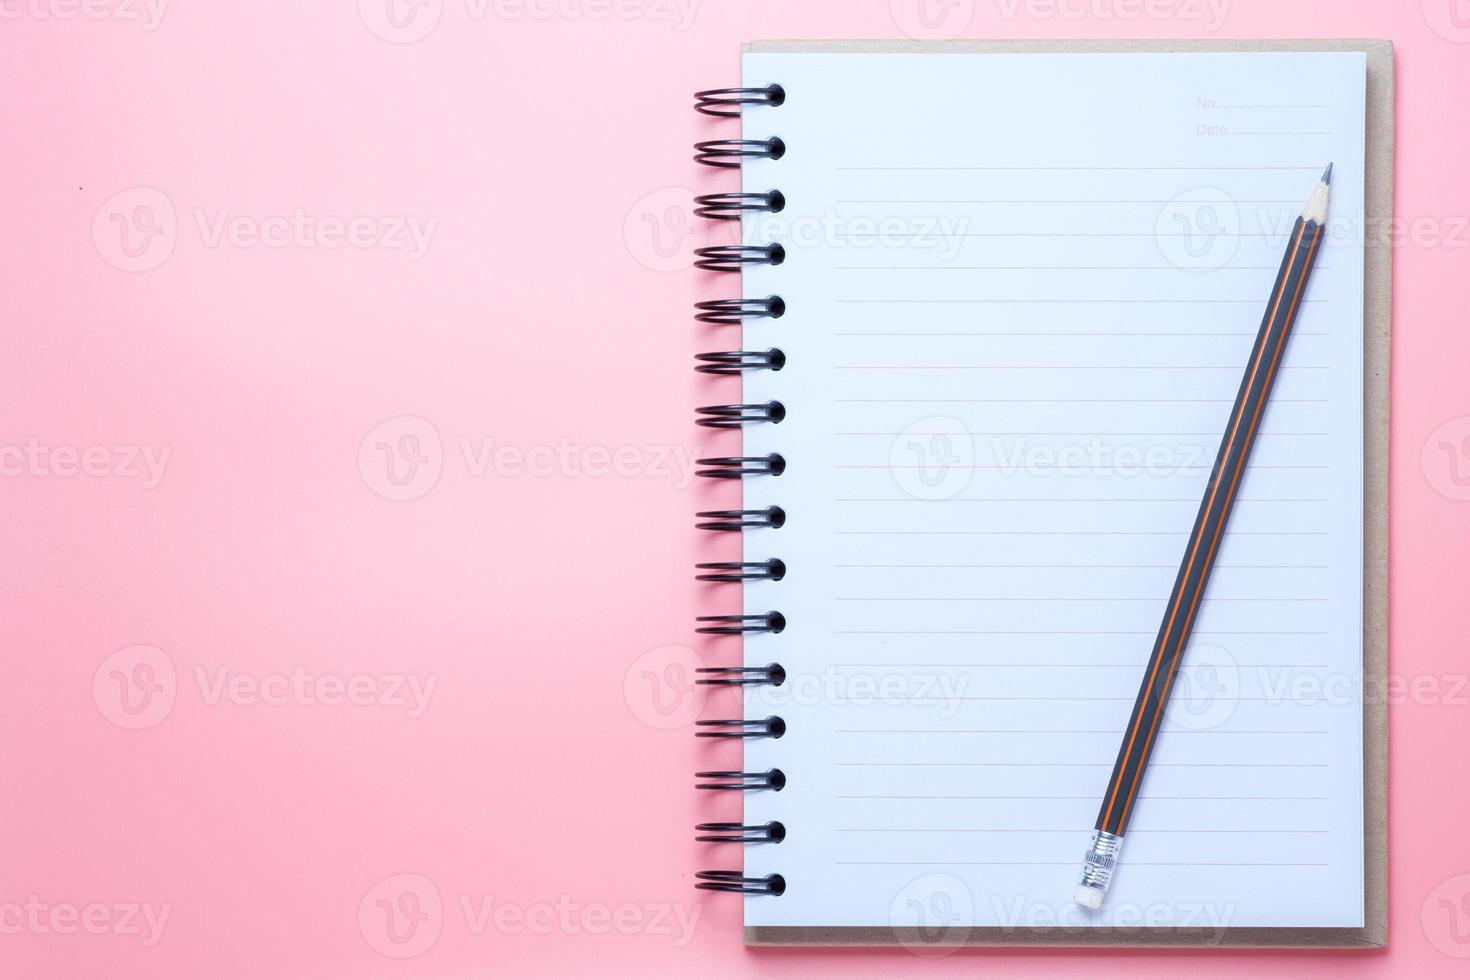 cuaderno y lápiz sobre fondo rosa foto